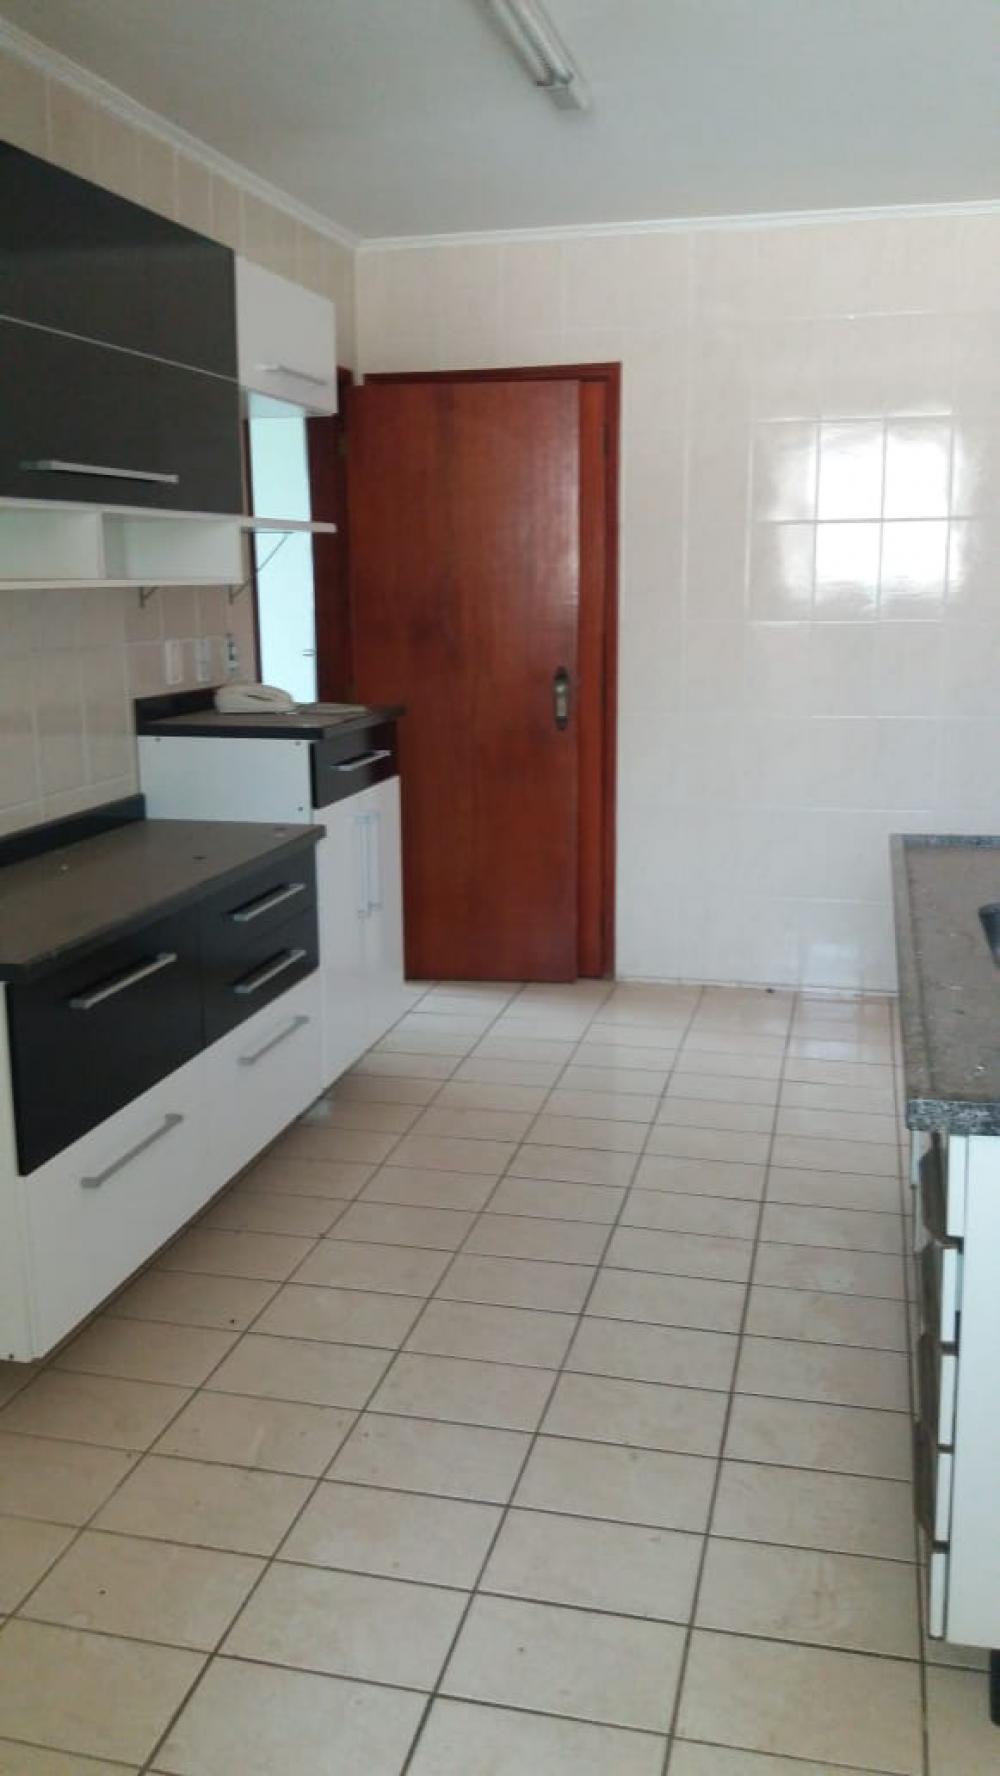 Comprar Apartamento / Padrão em São José do Rio Preto R$ 130.000,00 - Foto 1